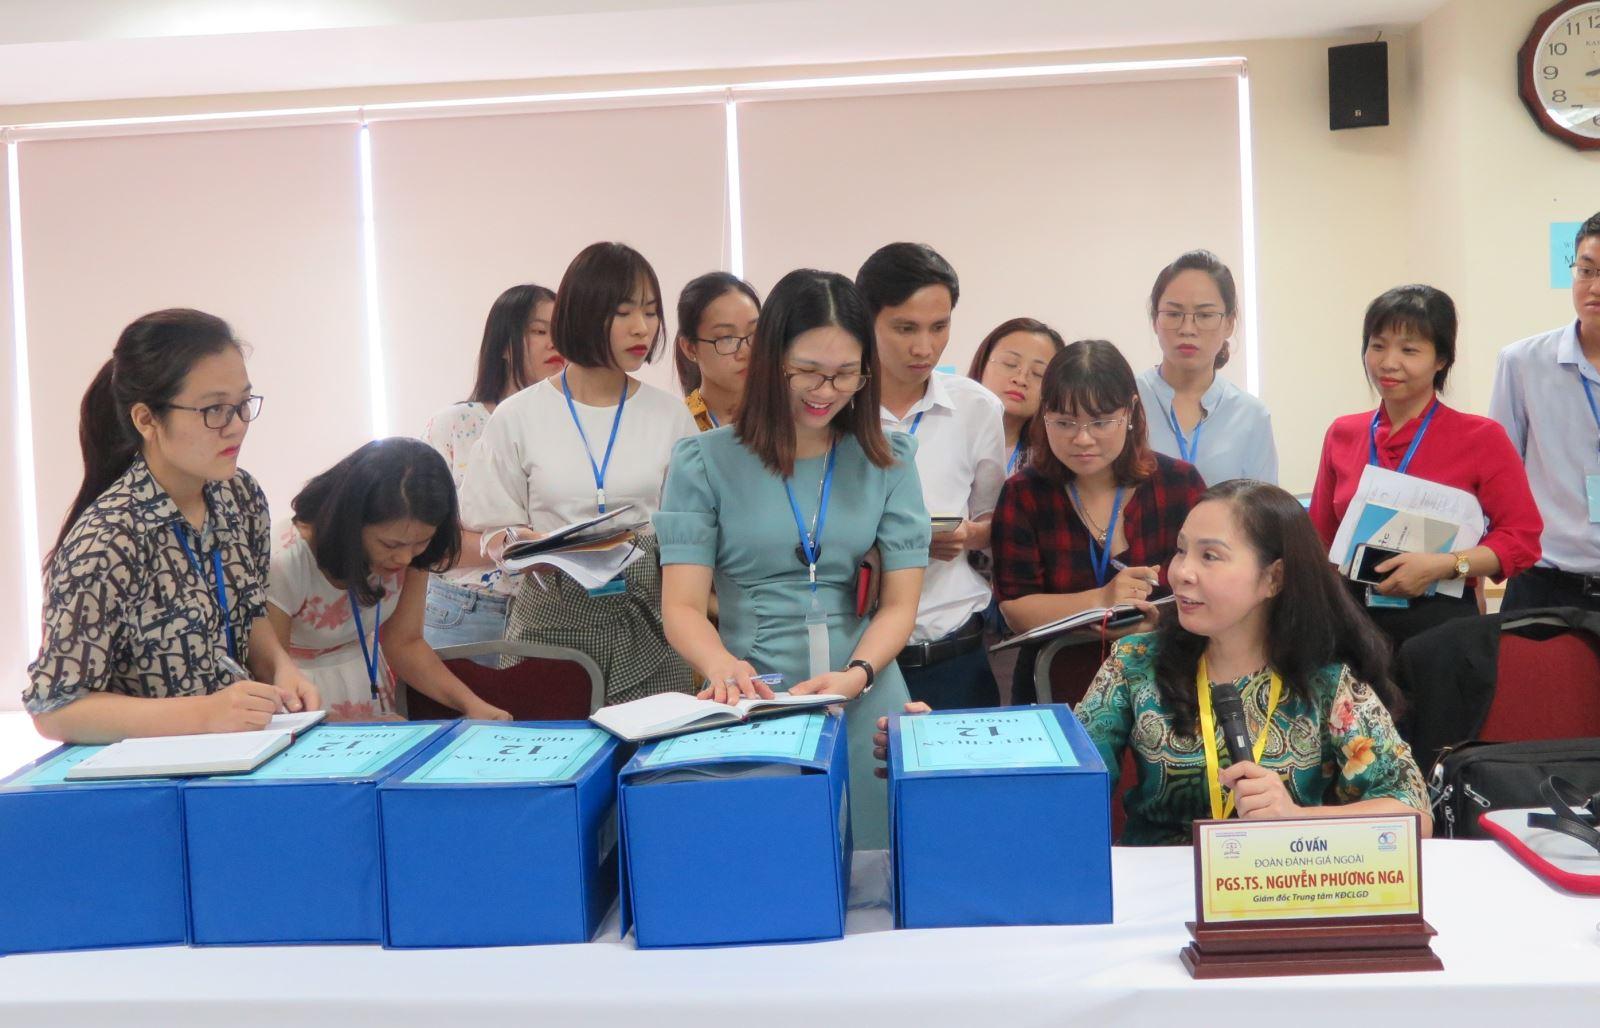 P/s ảnh: Học viện Phụ nữ Việt Nam đón đoàn khảo sát sơ bộ